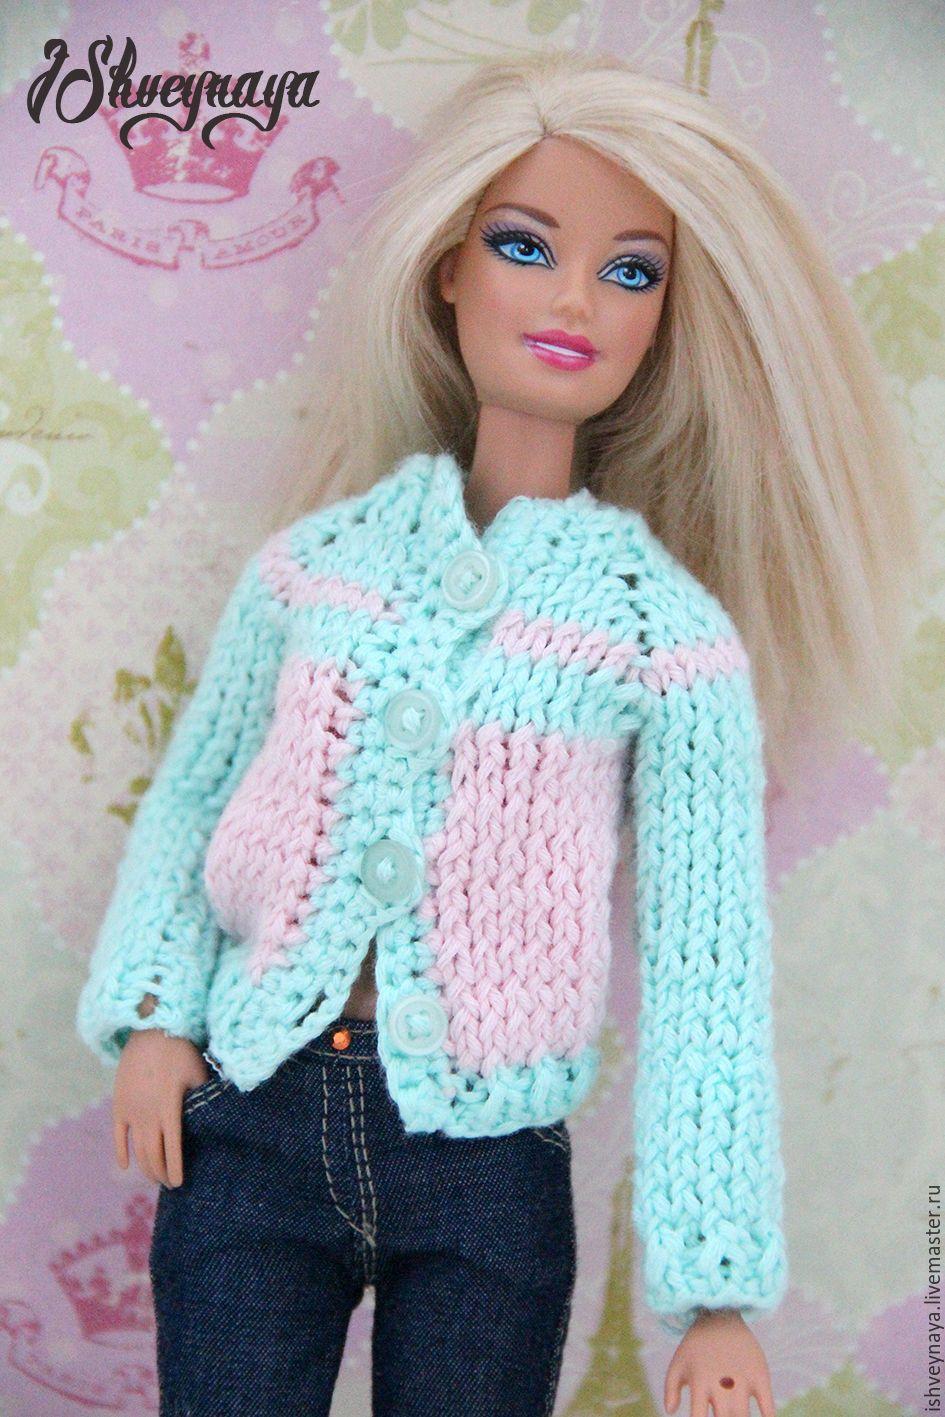 Купить или заказать Модные джинсы для Барби 'Miss' в интернет-магазине на Ярмарке Мастеров. Модные реалистичные джинсы для куклы Барби темно-синего цвета с контрастной отстрочкой. Страза имитирует пуговицу. Карманы спереди и сзади действующие. Застежка сзади на кнопку.